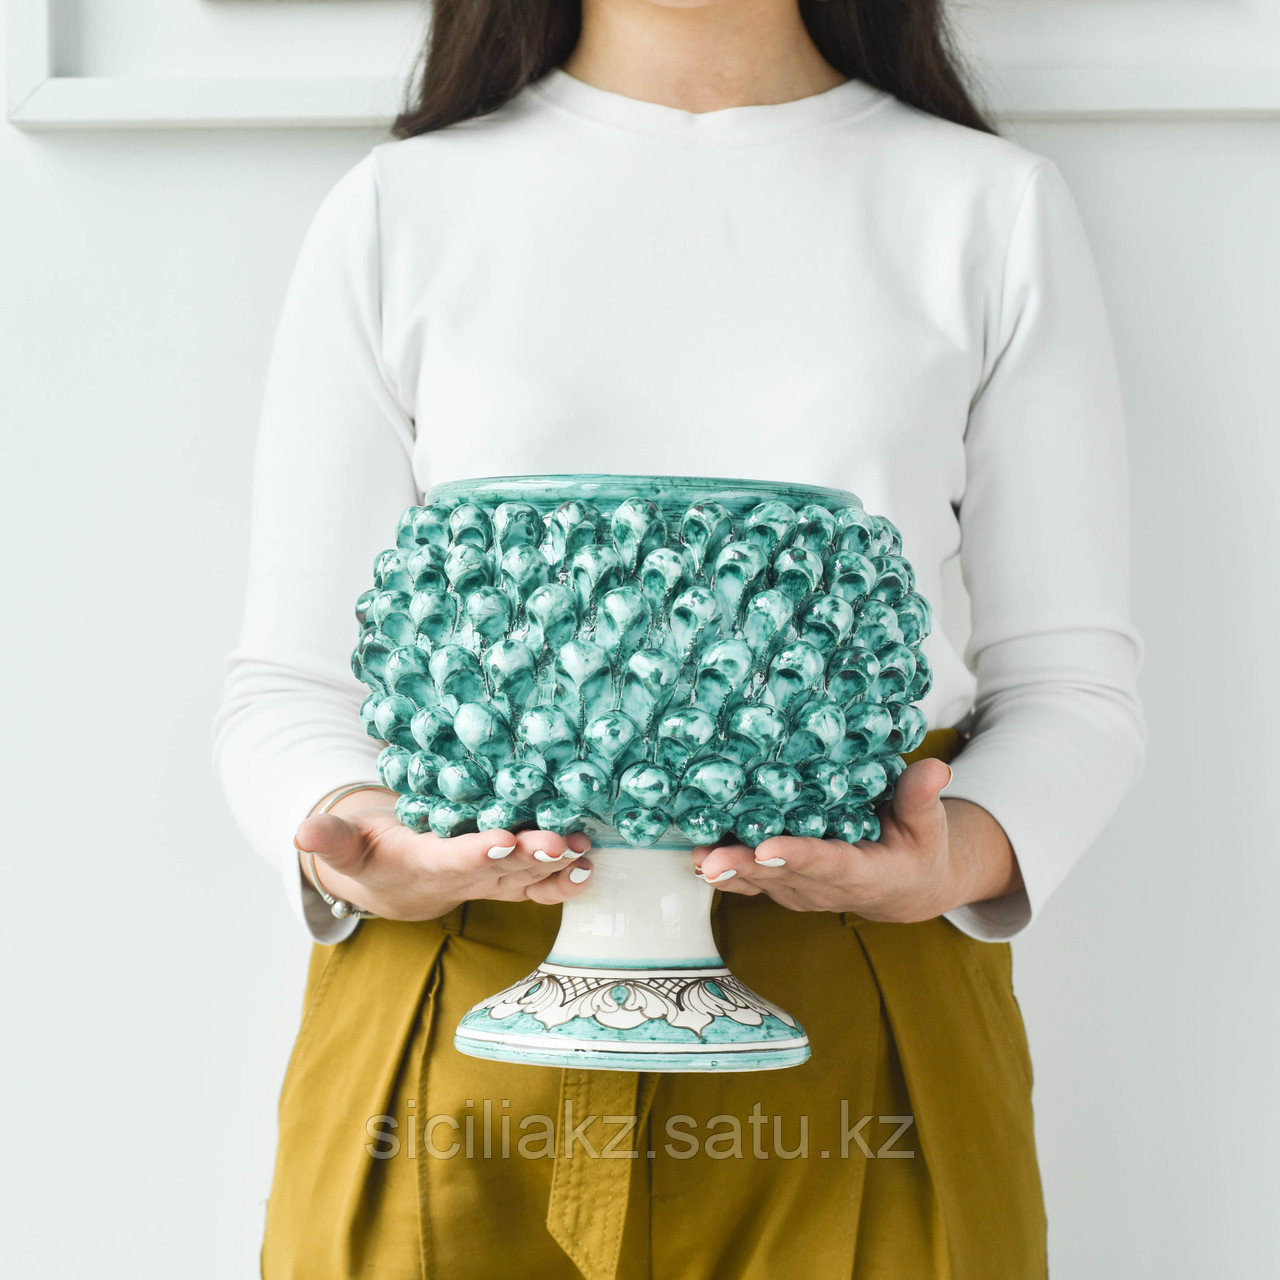 Декоративная Ваза Пигна ручной работы, керамика. Италия - фото 7